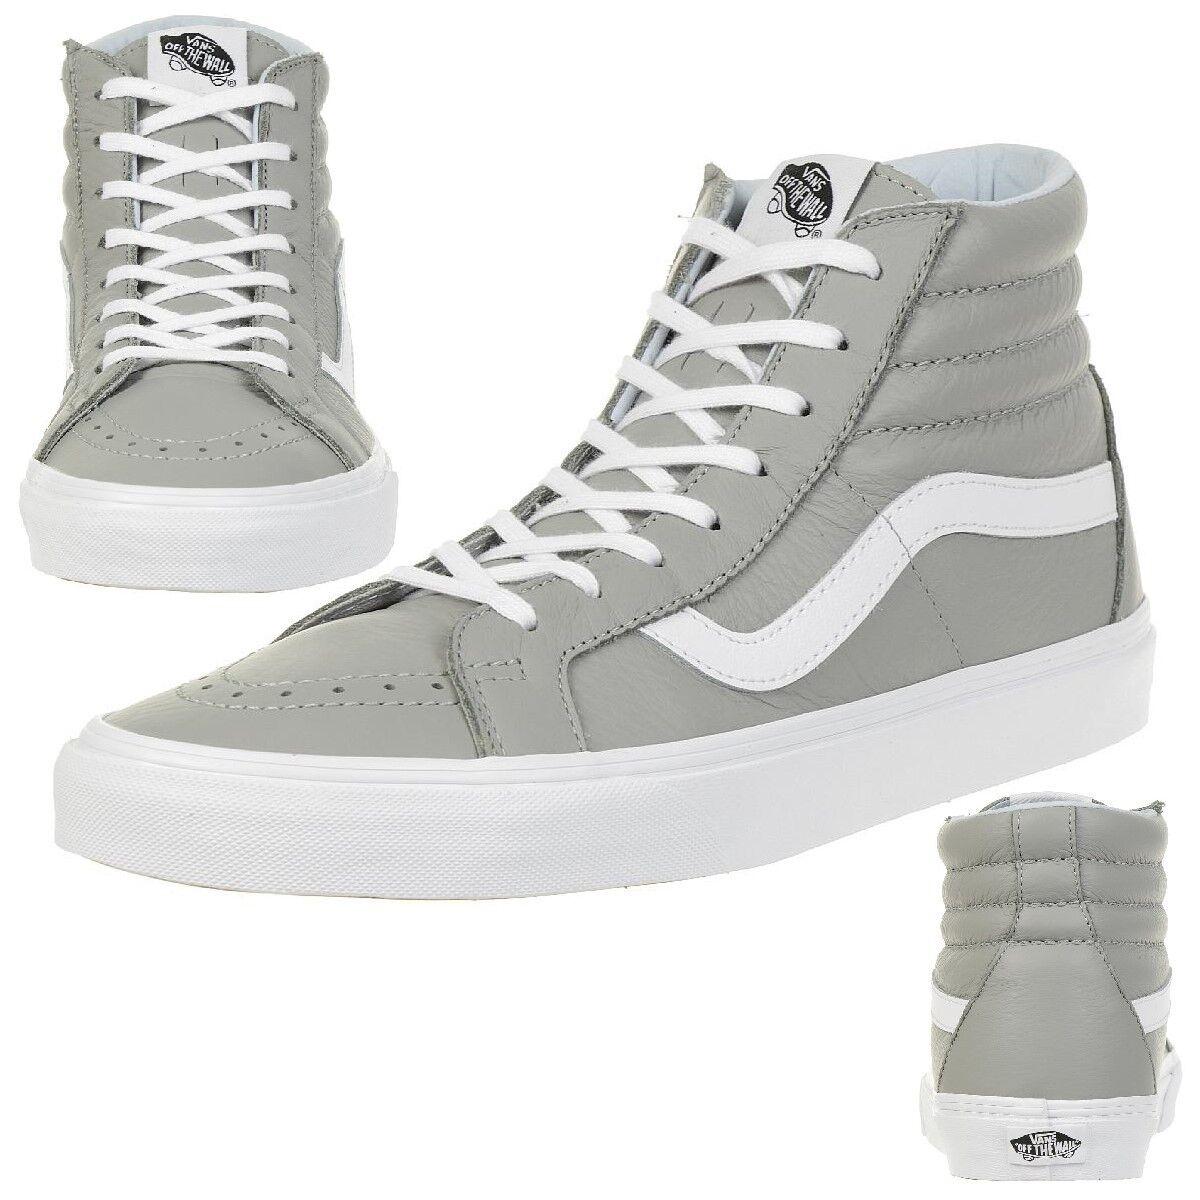 VANS Sk8-Hi Reissue L Leder Unisex-Erwachsene Sneaker VN0A2XSBQD5 grau